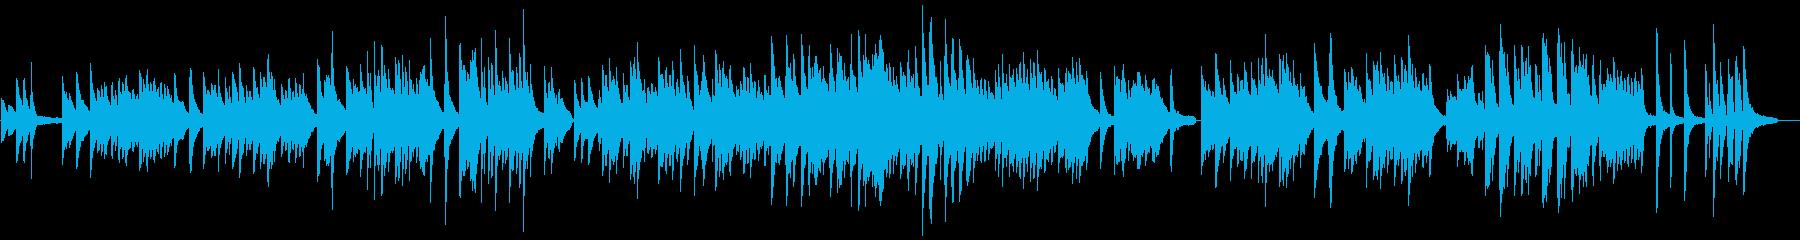 暖かいけどどこか切ないピアノの再生済みの波形